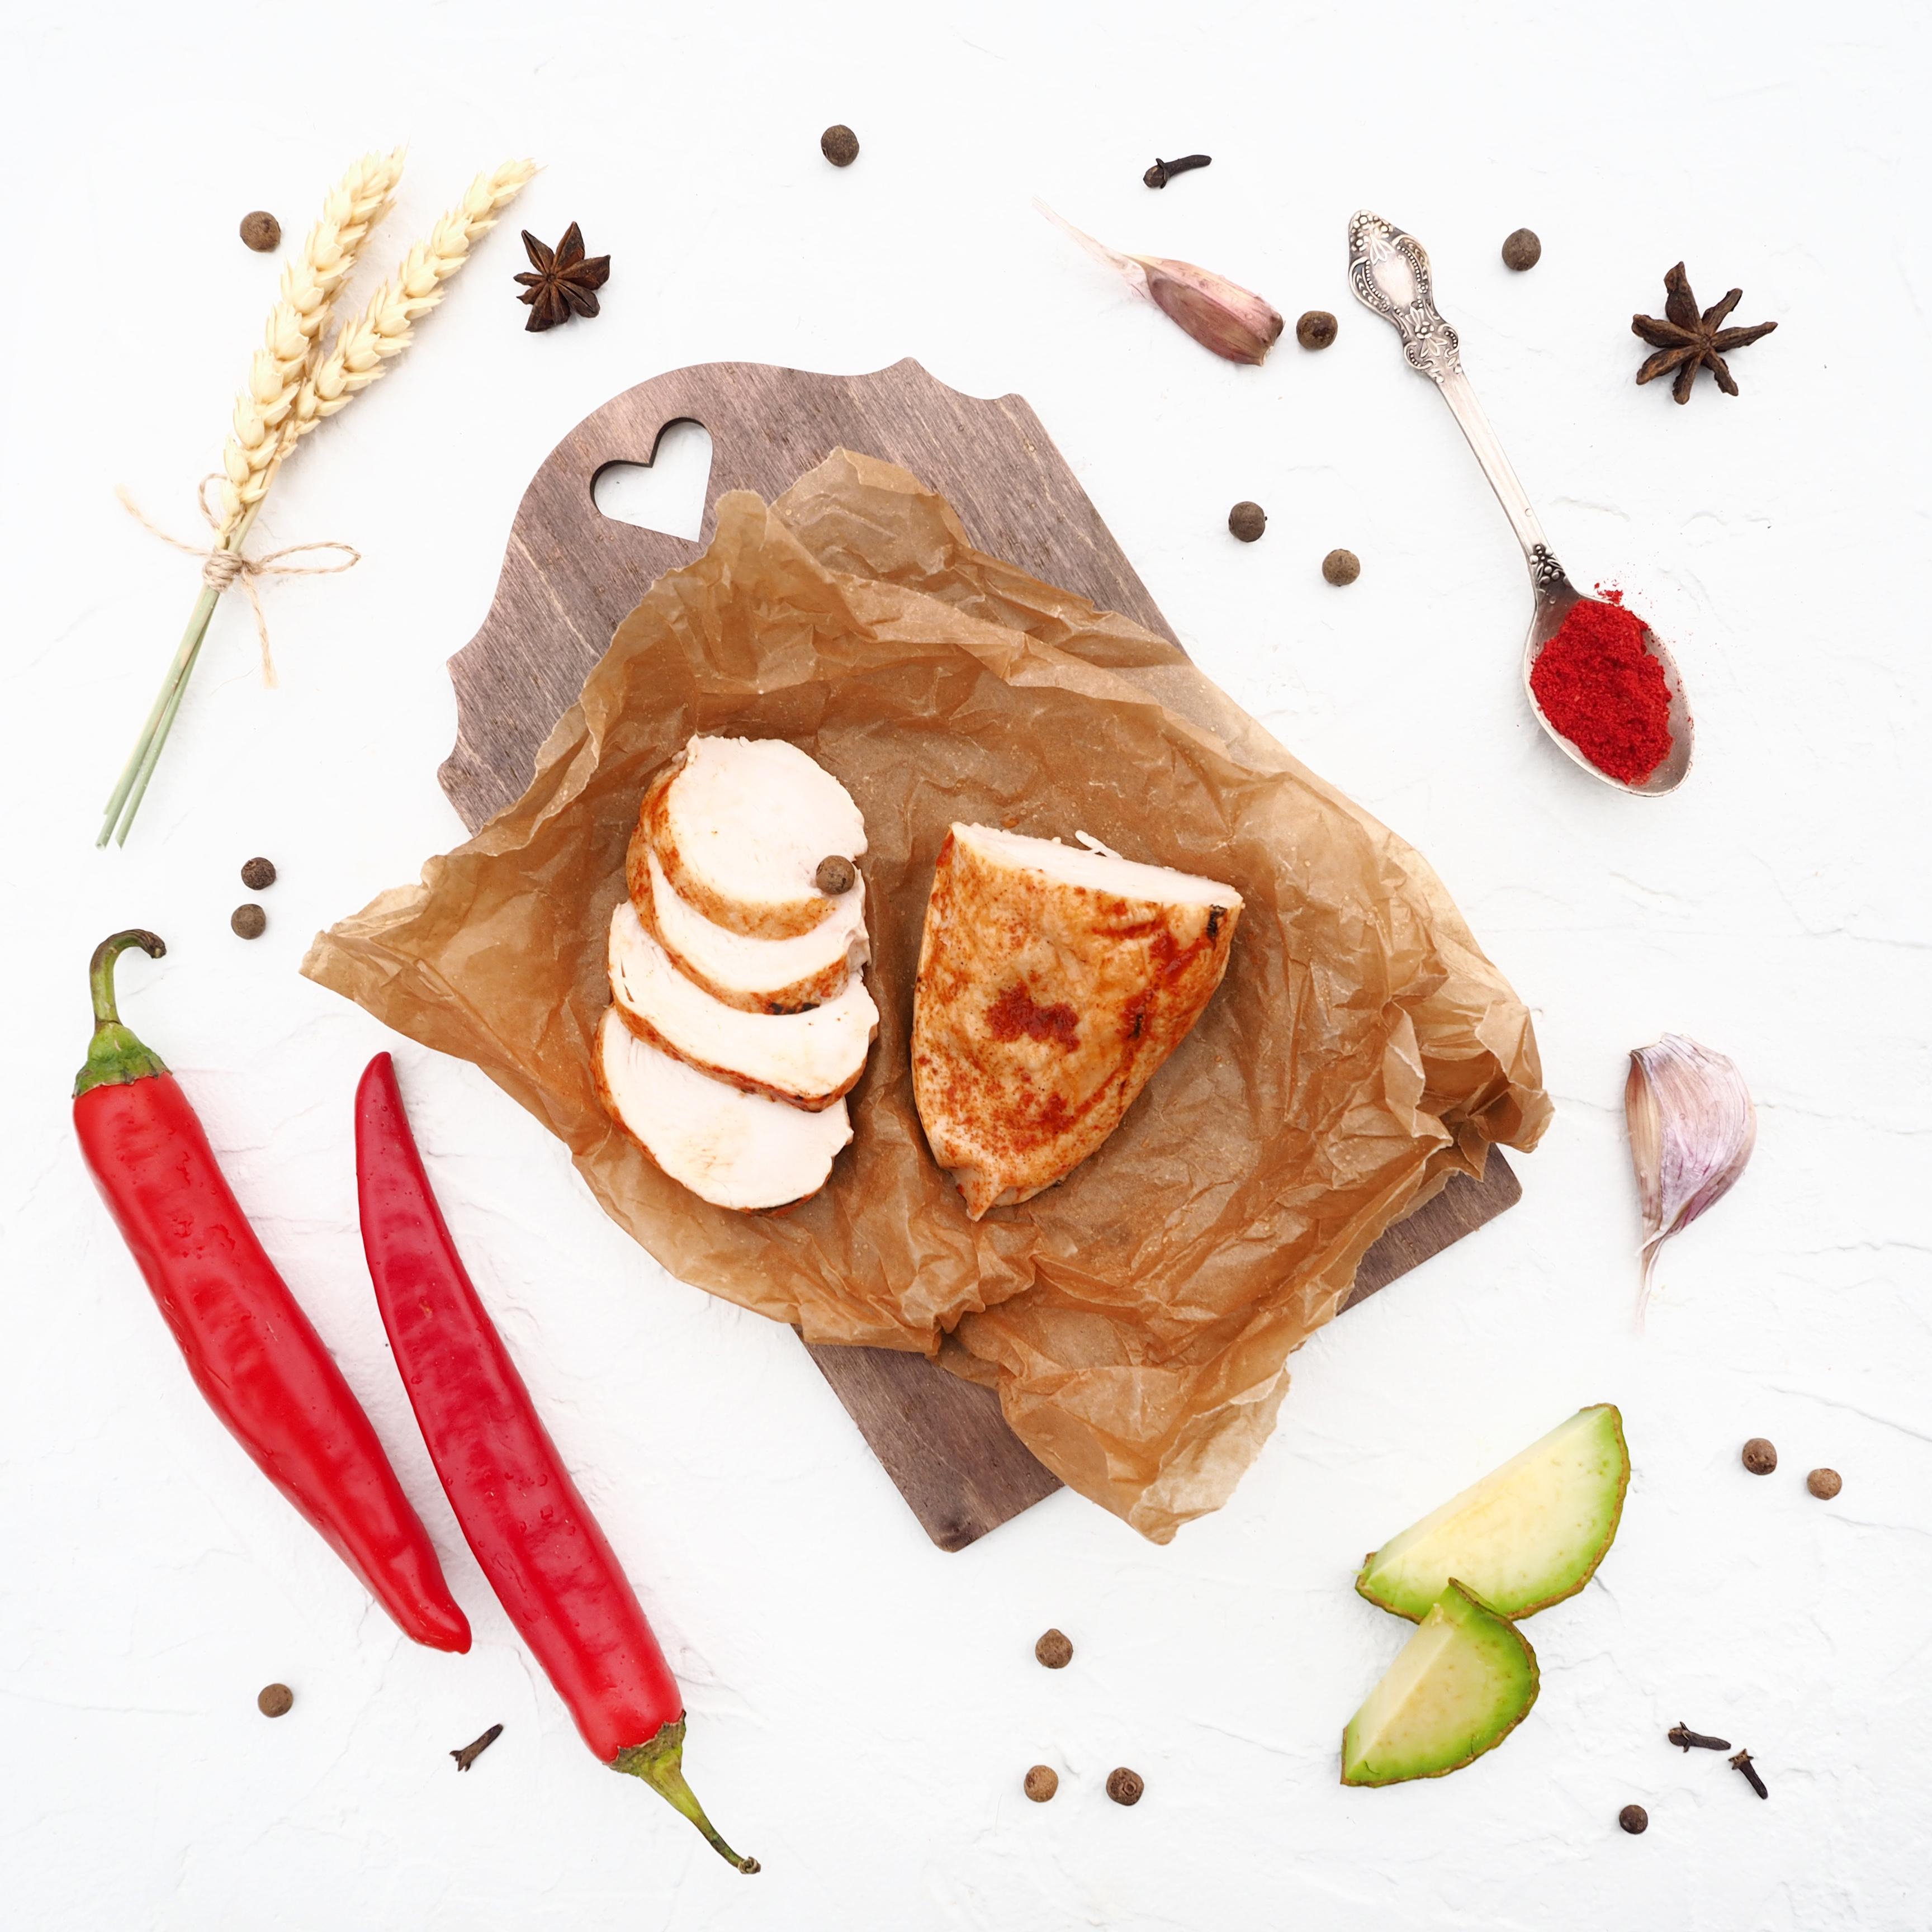 Запечённое филе куриной грудки с кайенским перцем и копчёной паприкой (1 шт., 182 г)